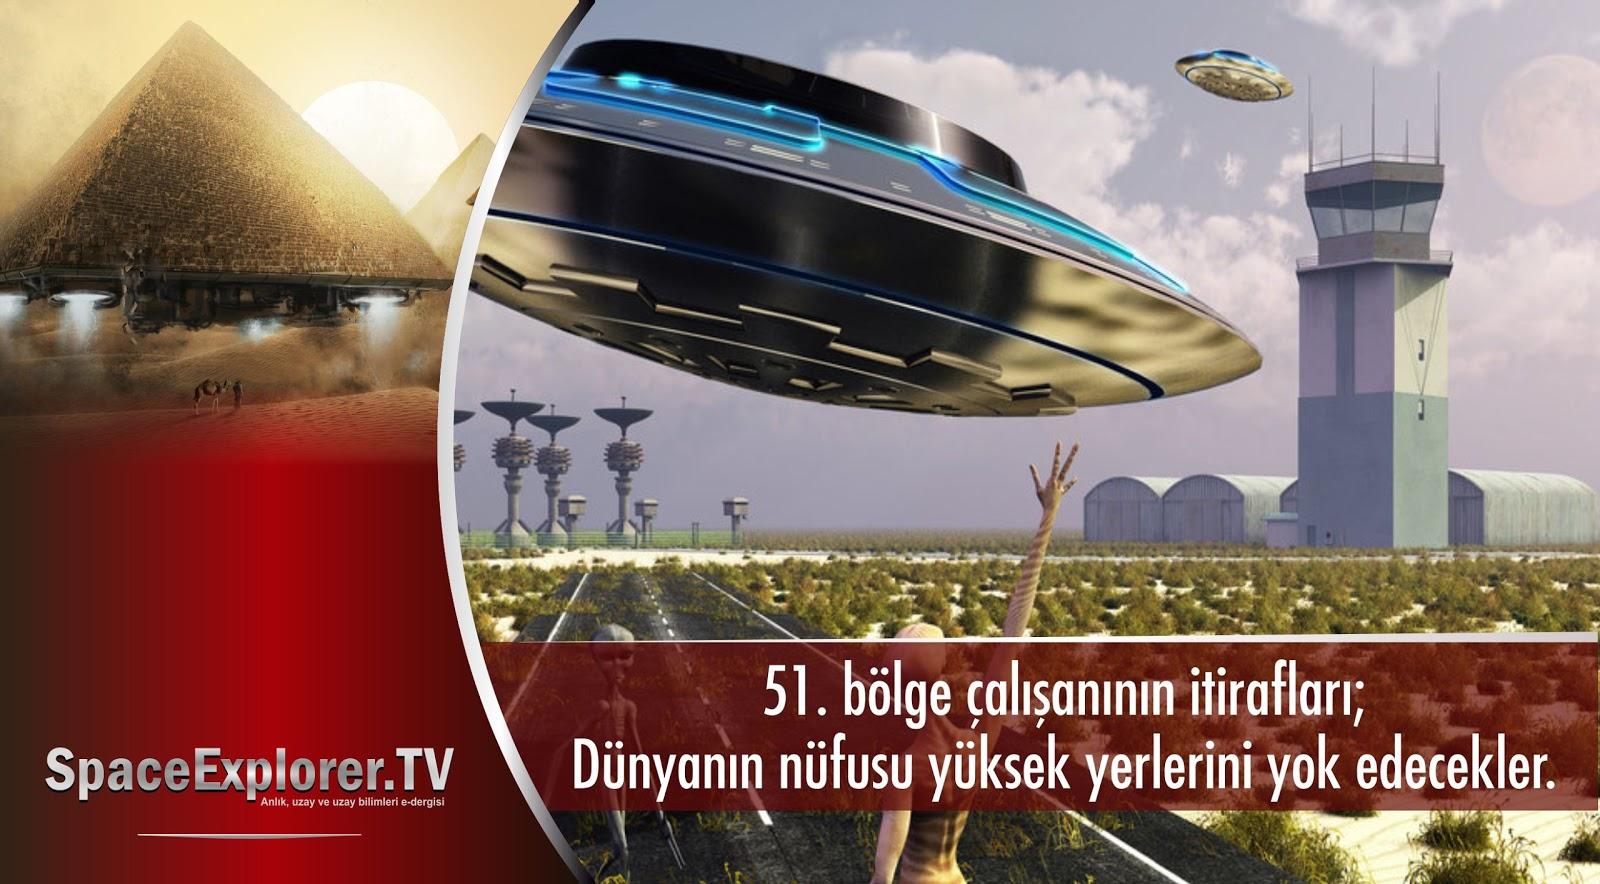 Videolar, 51. Bölge, gizli askeri üsler, Uzayda hayat var mı?, Gizli yer altı üsleri, Yer altı tünelleri, yer altı üsleri, Griler, CIA,